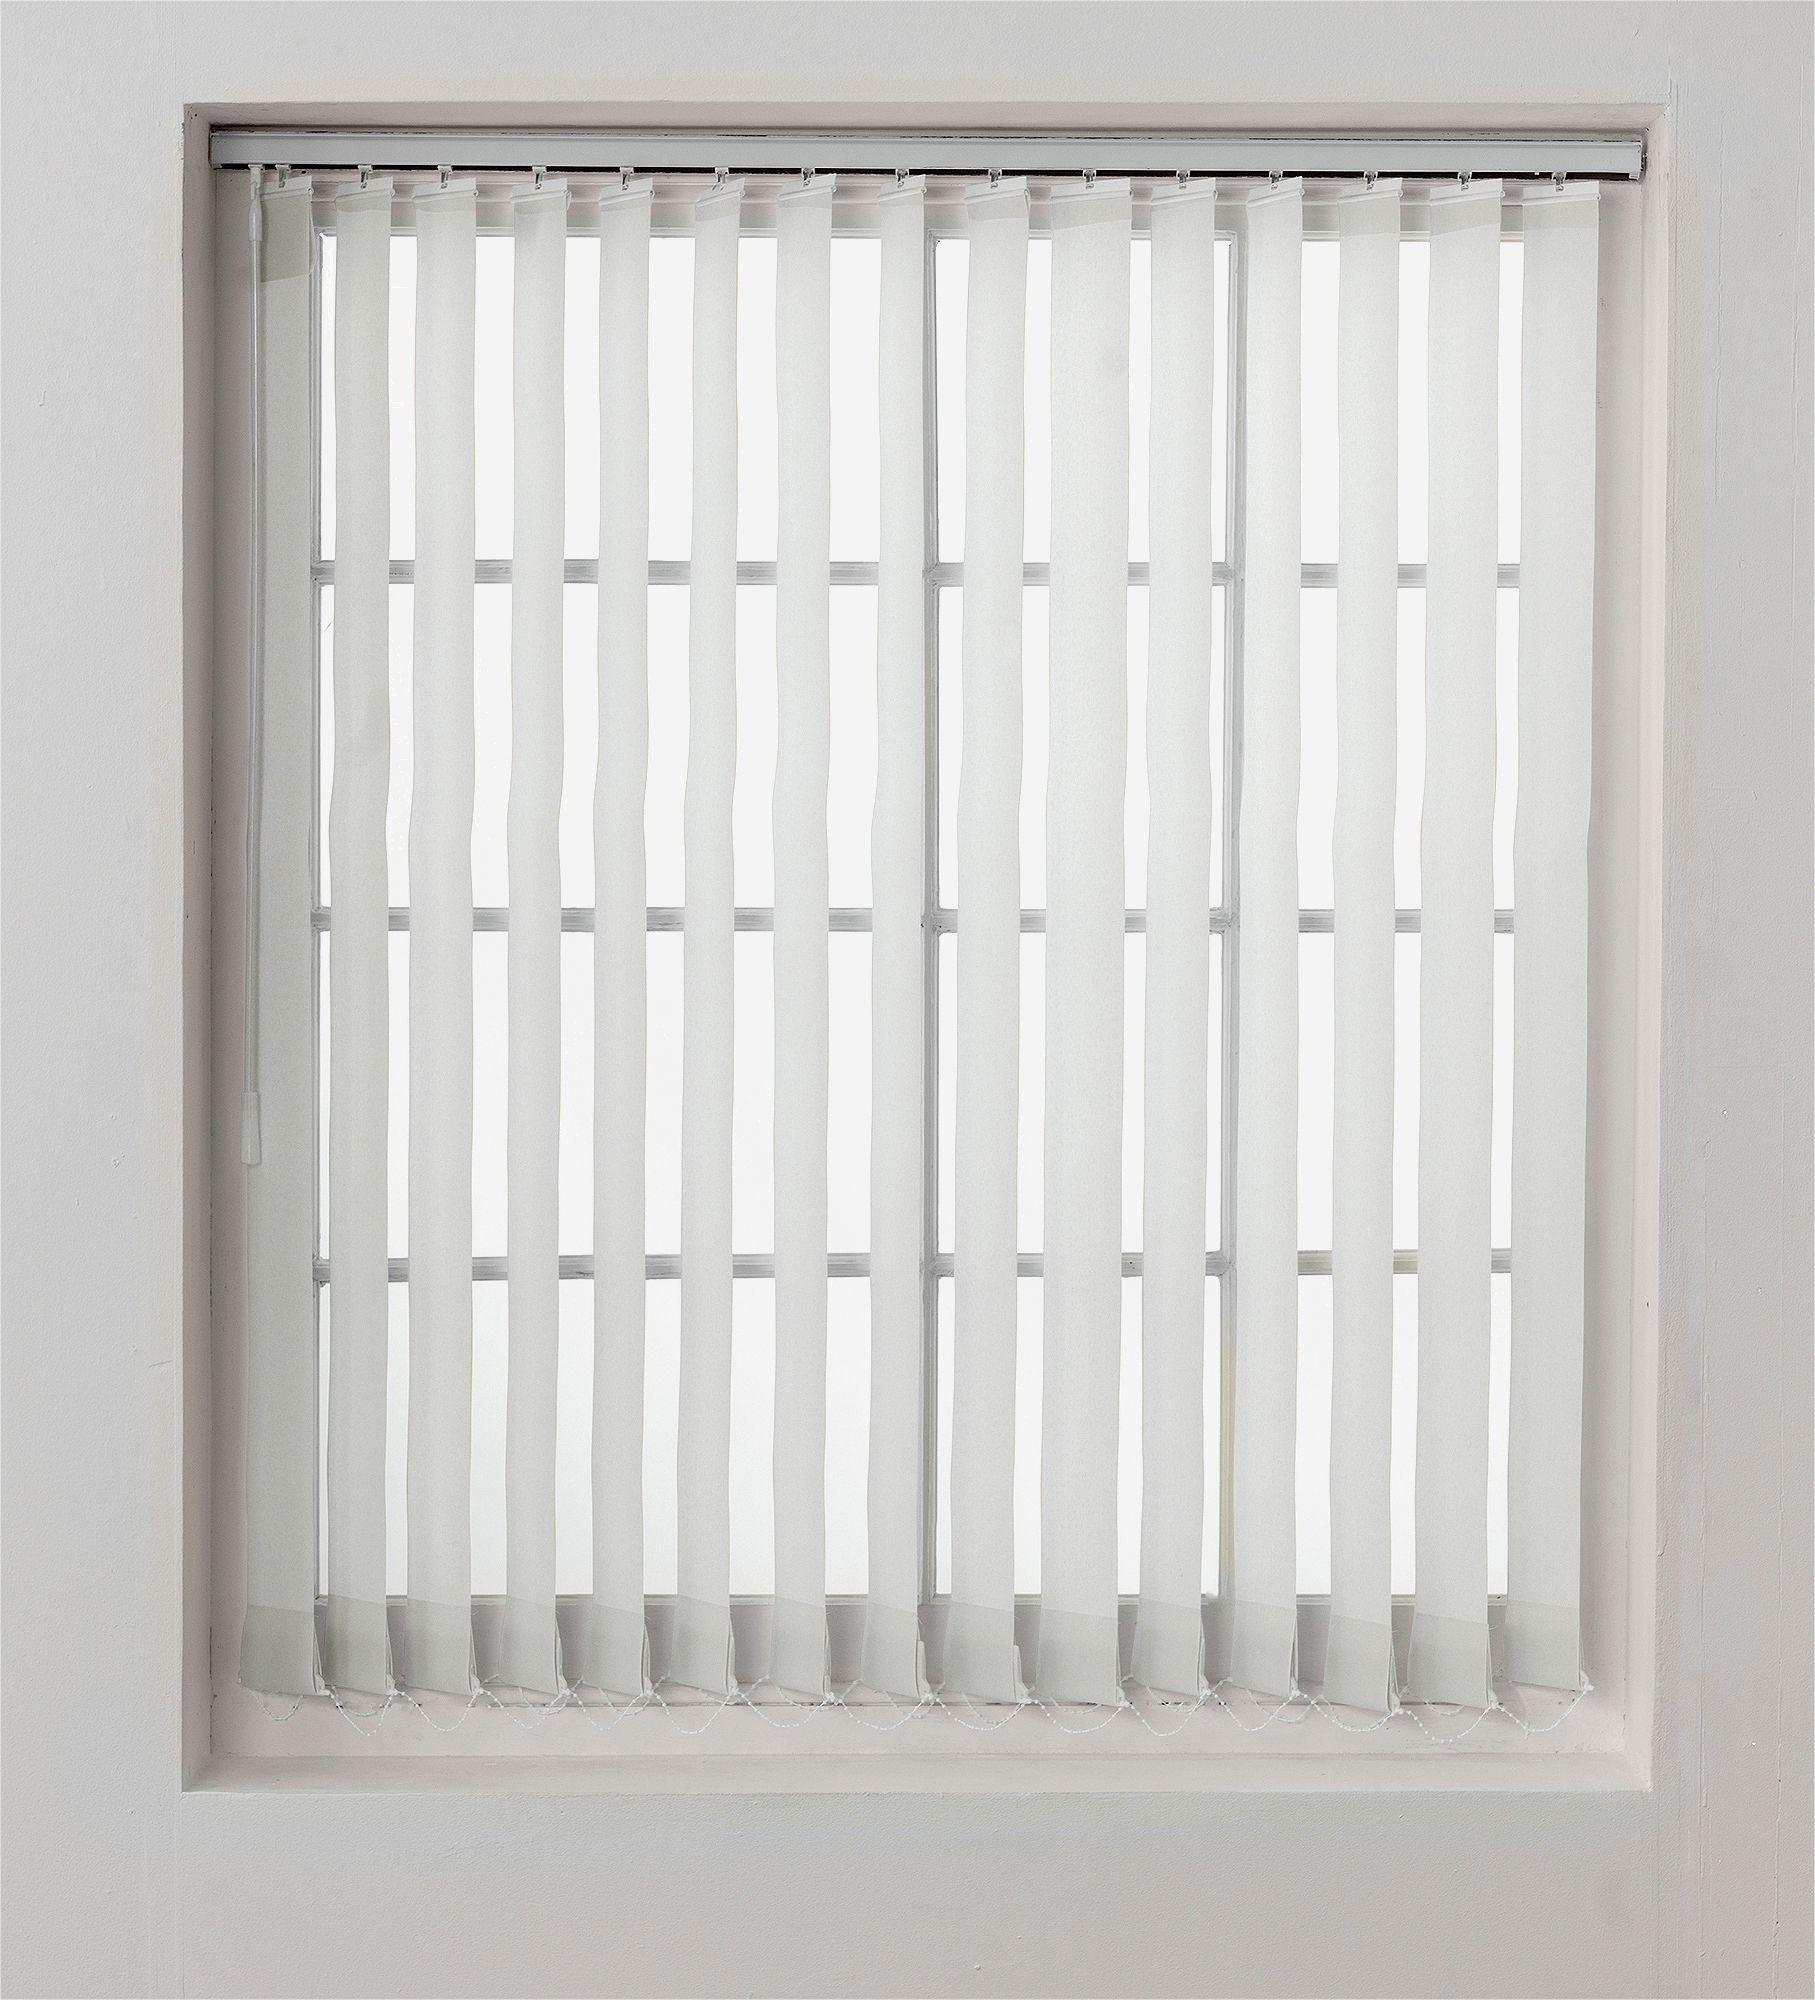 home-vertical-blind-slats-pack-75ft-white